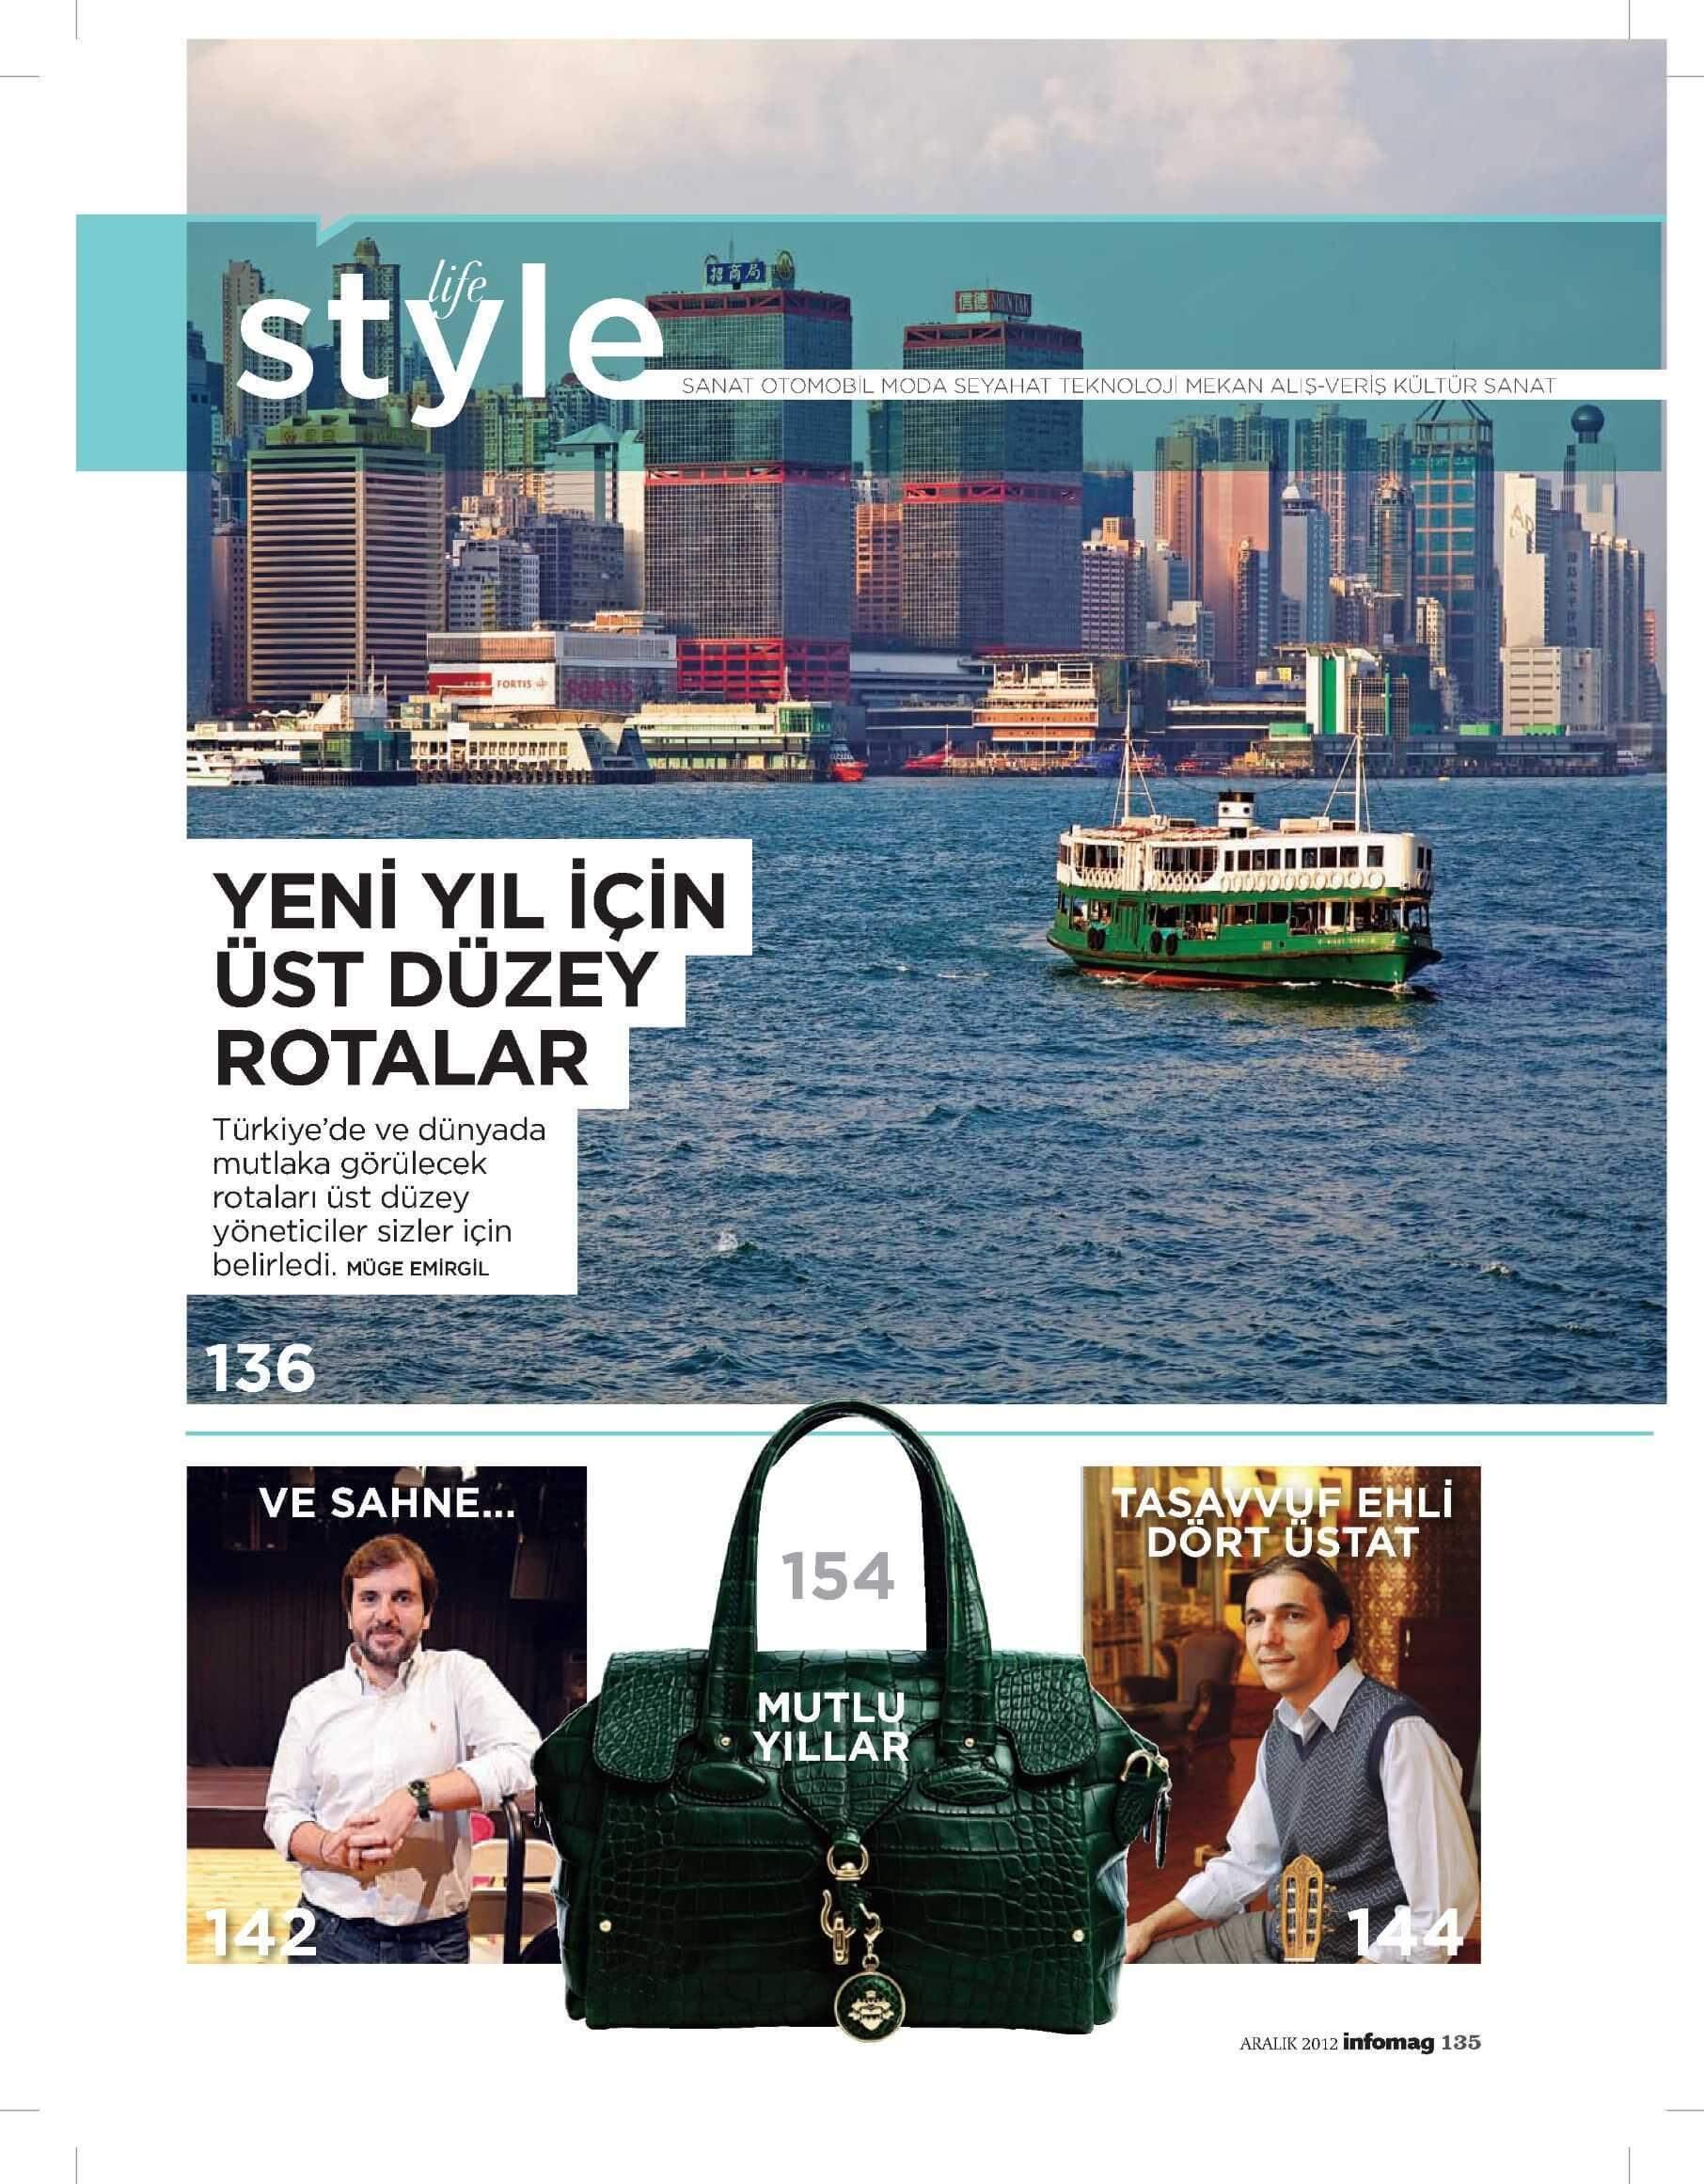 joygame basin yansimalari infomag dergisi aralik 2012